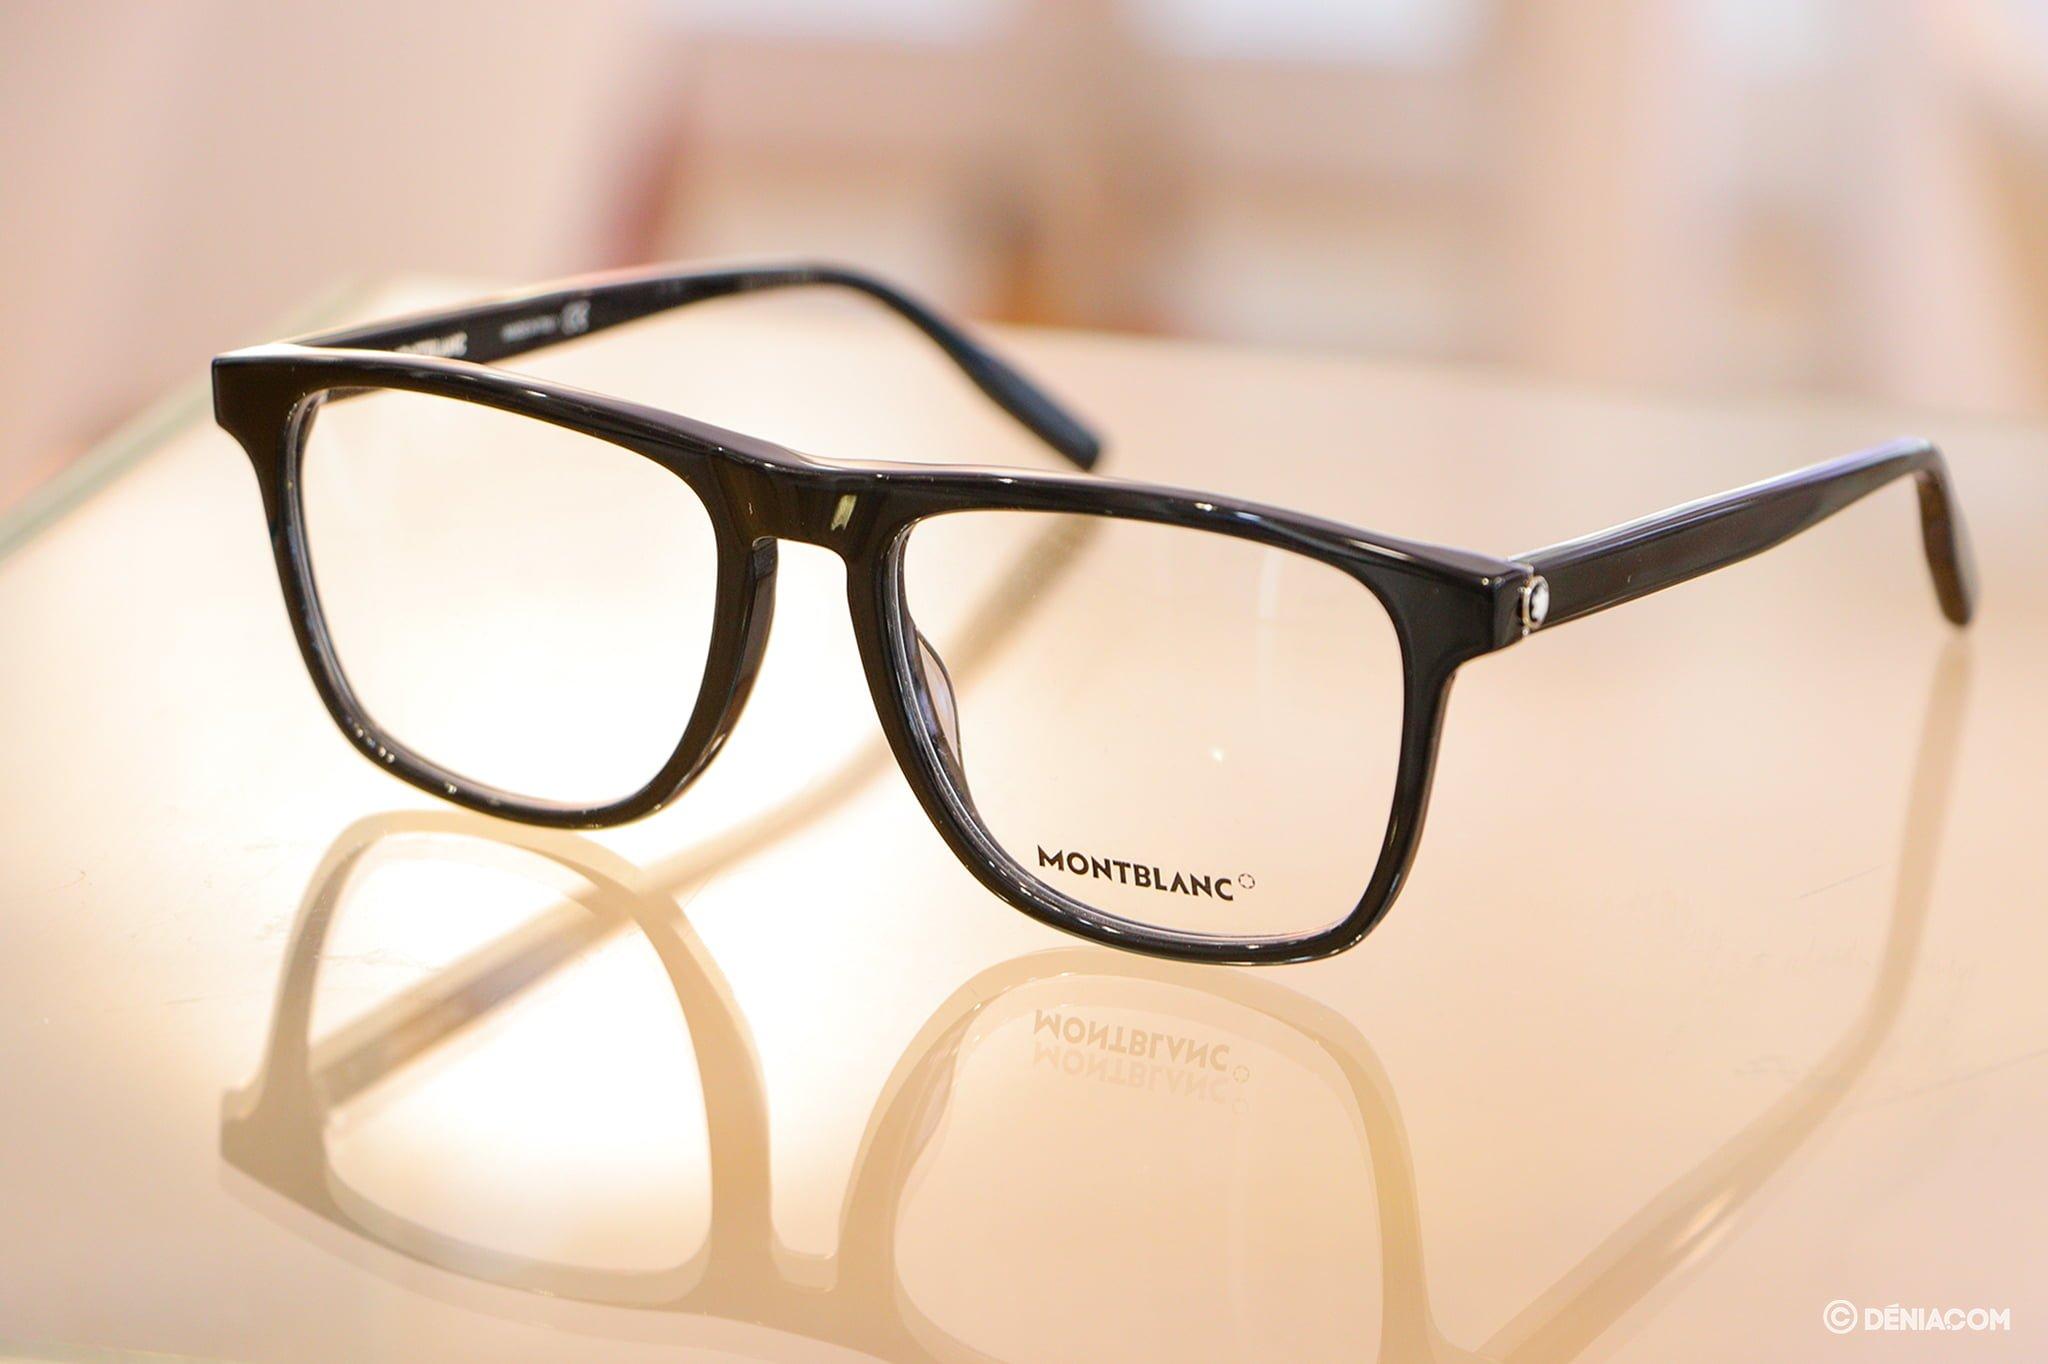 Eyeglasses in Dénia - Óptica Benjamín